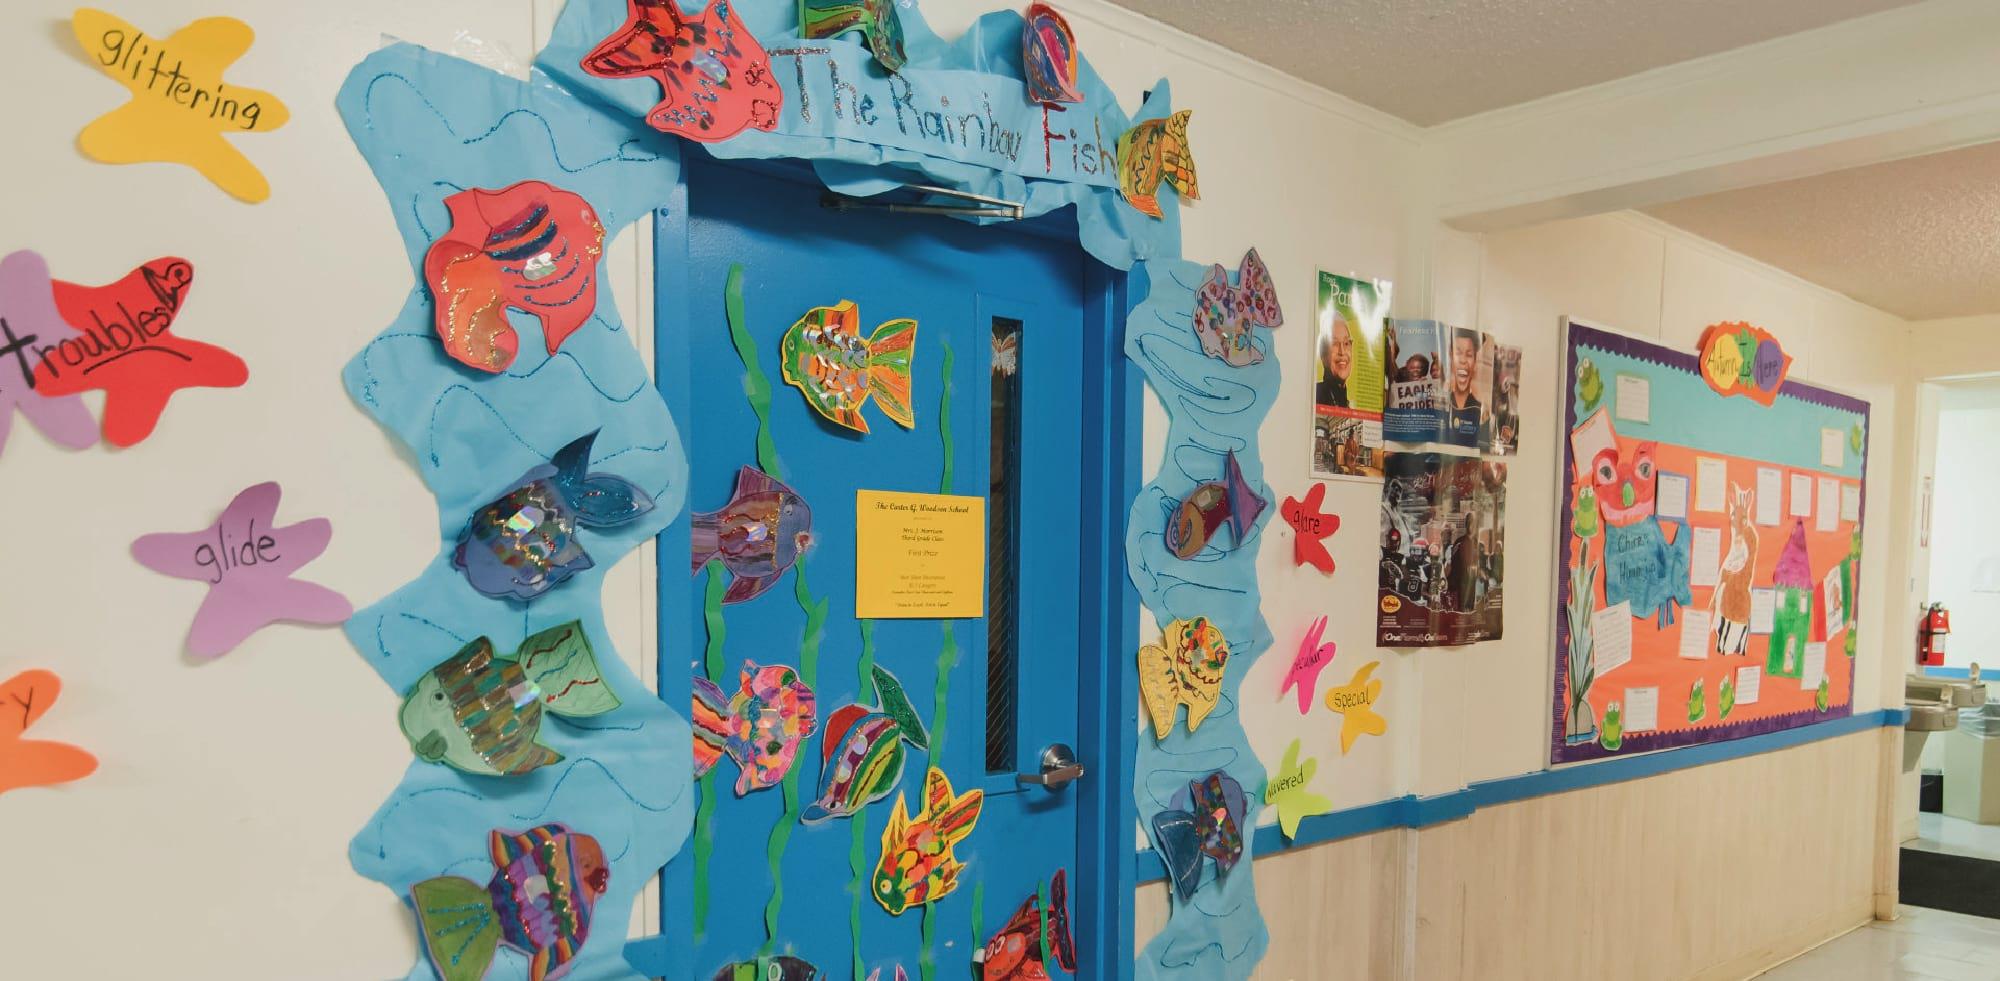 classroom door with decorations